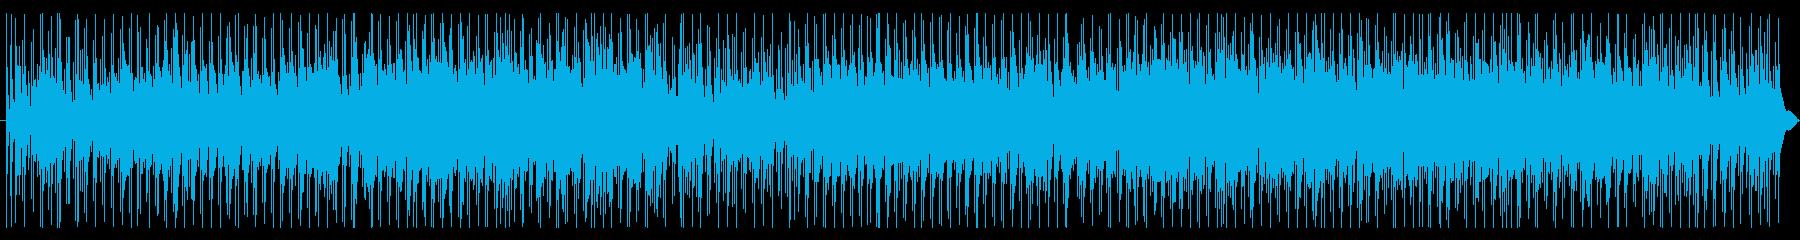 ピアノ主体ジャズ調のムード曲ですの再生済みの波形